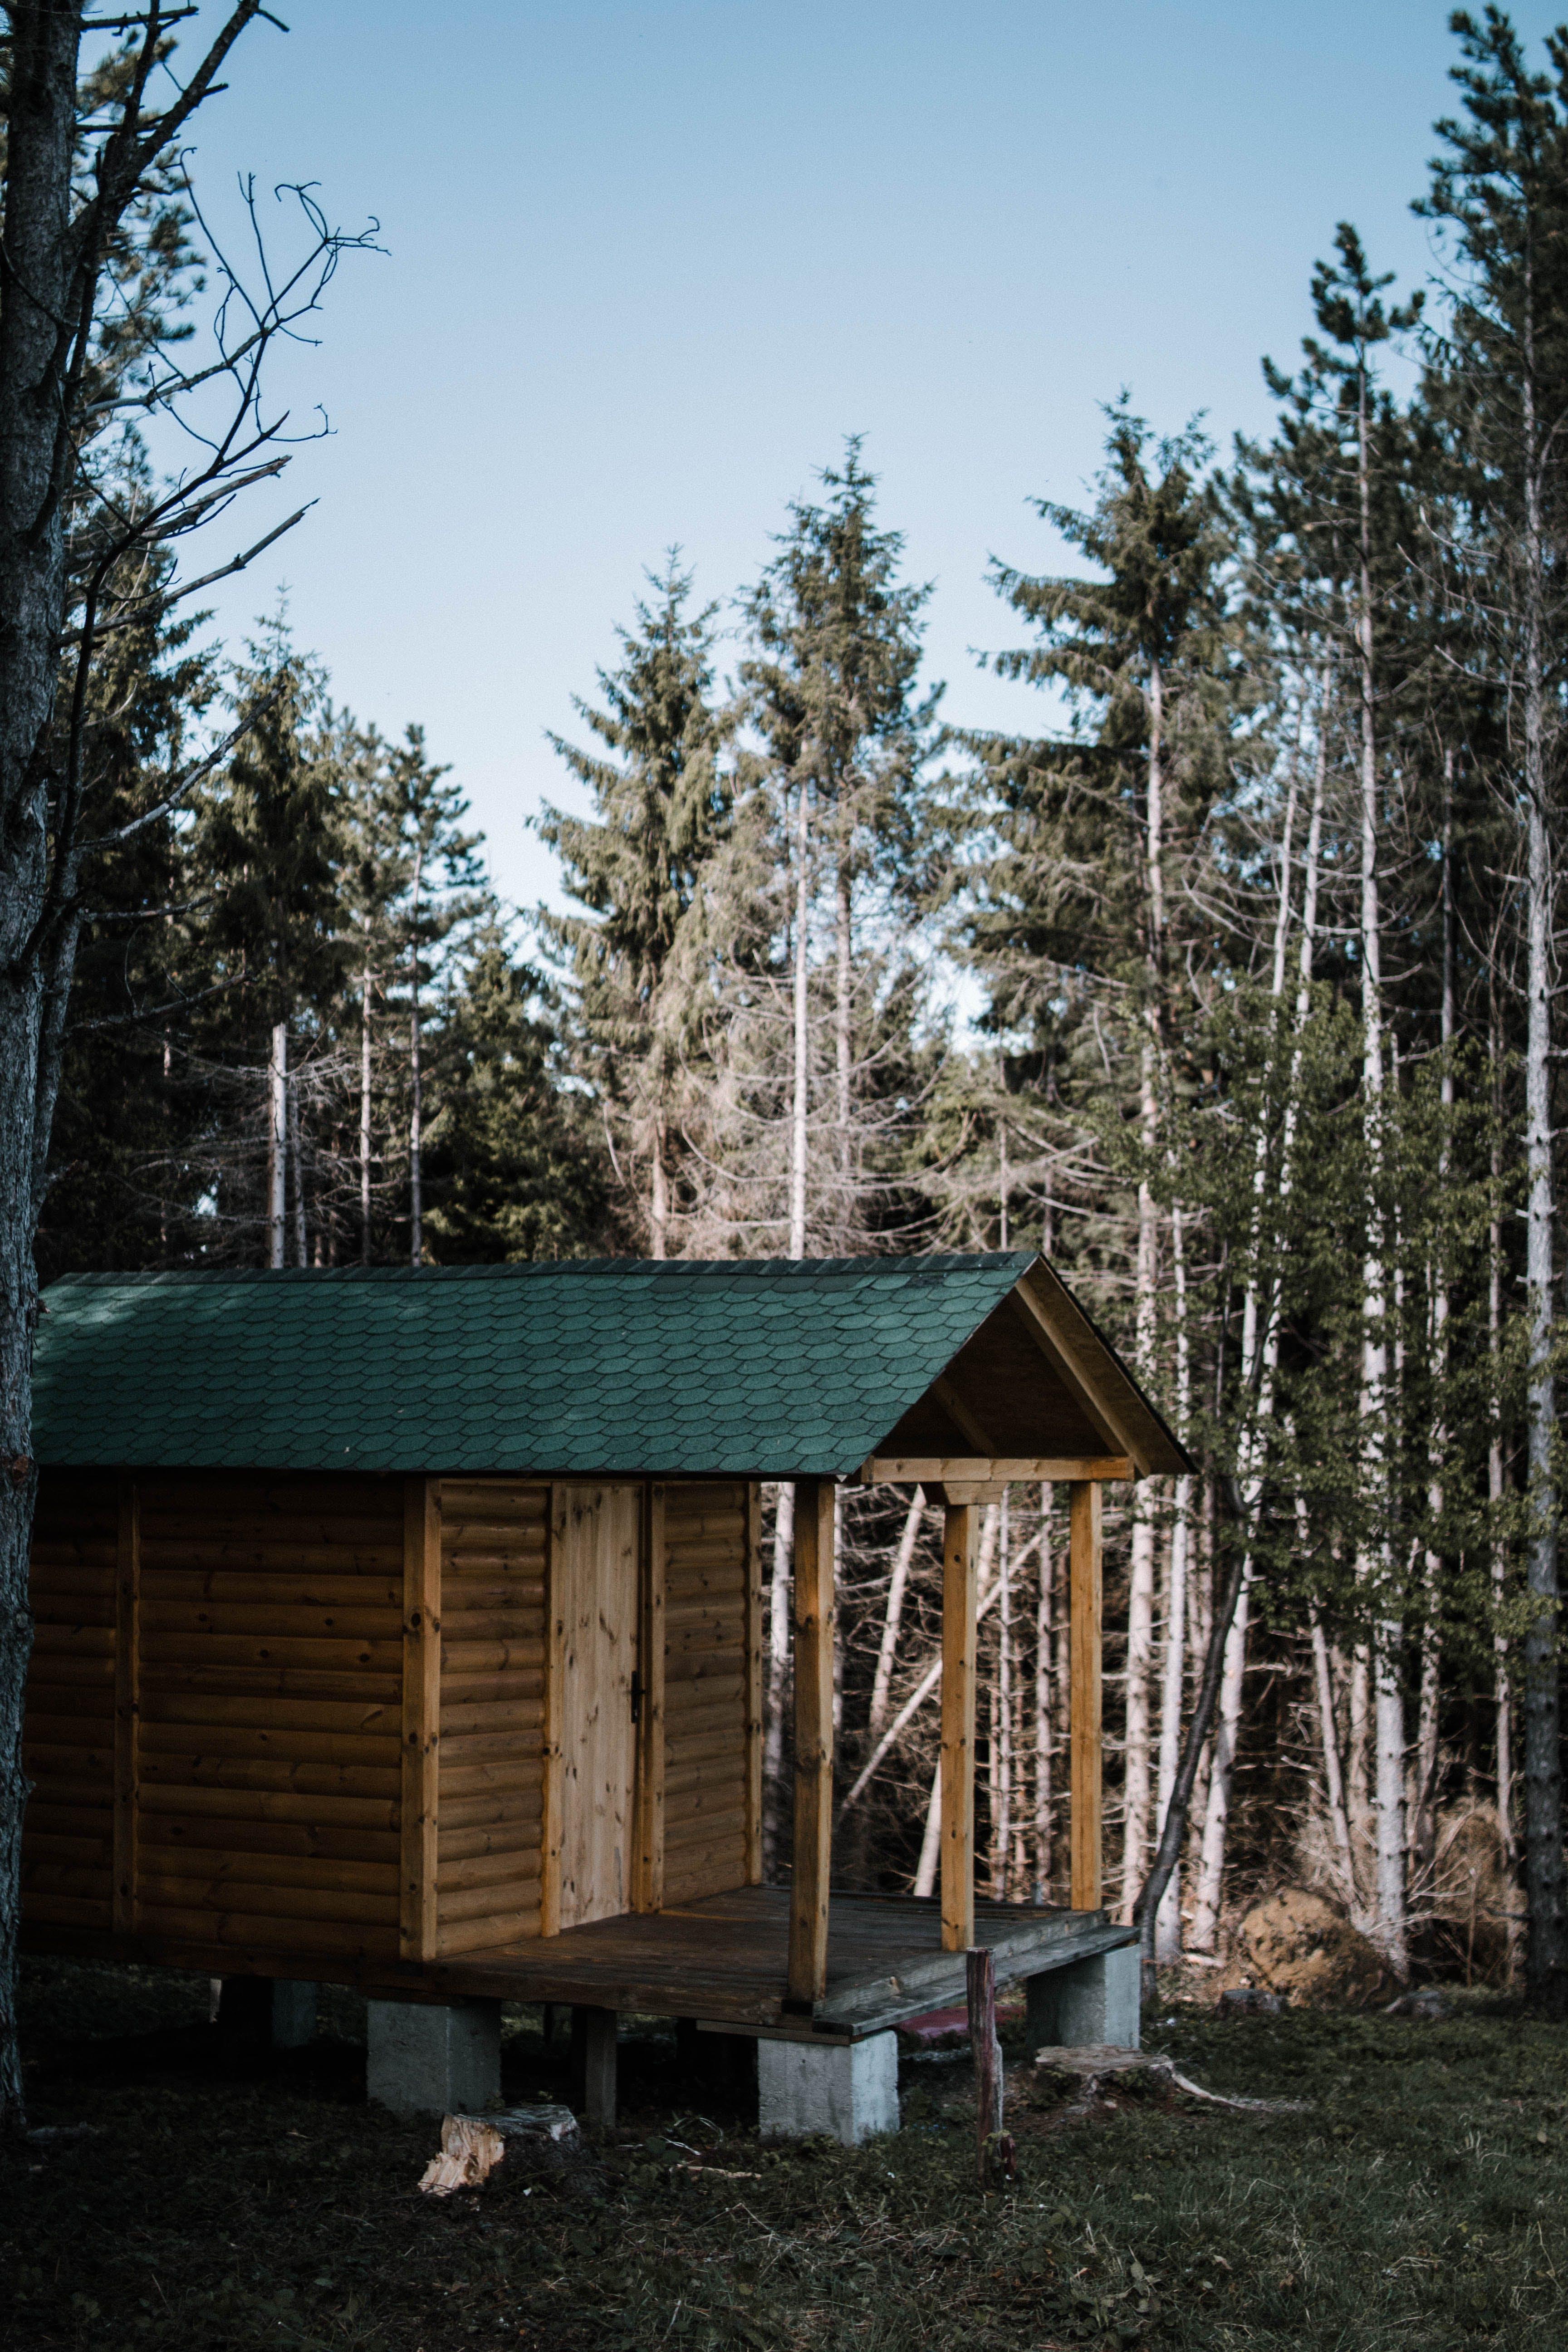 Fotos de stock gratuitas de al aire libre, arboles, bosque, bungalow